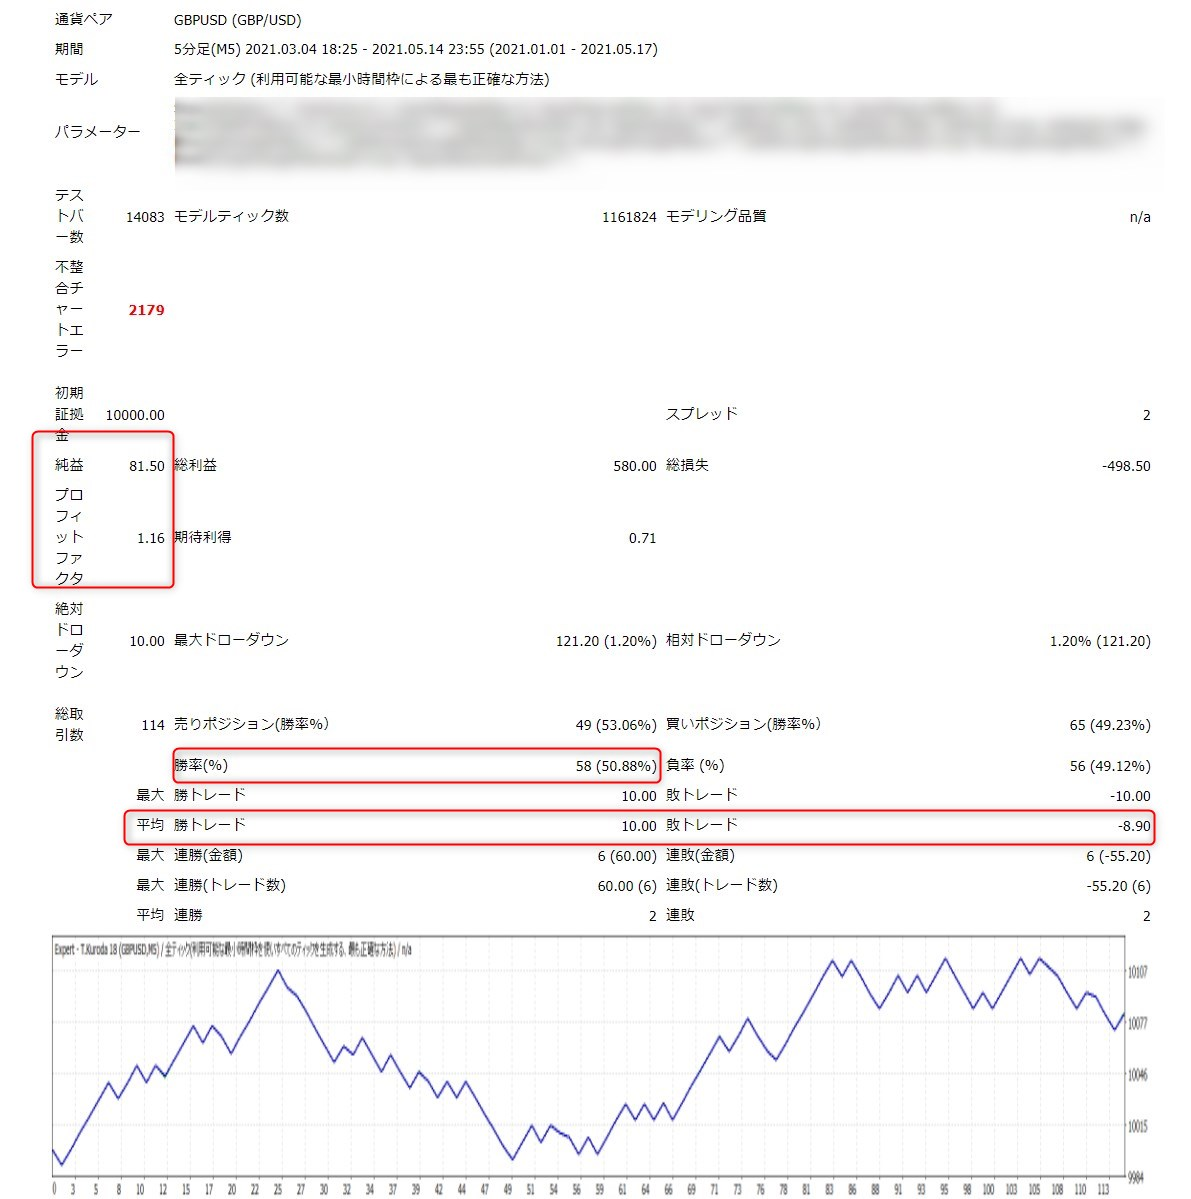 ミダスタッチ波動EA:GBPUSD(5分足)バックテスト結果